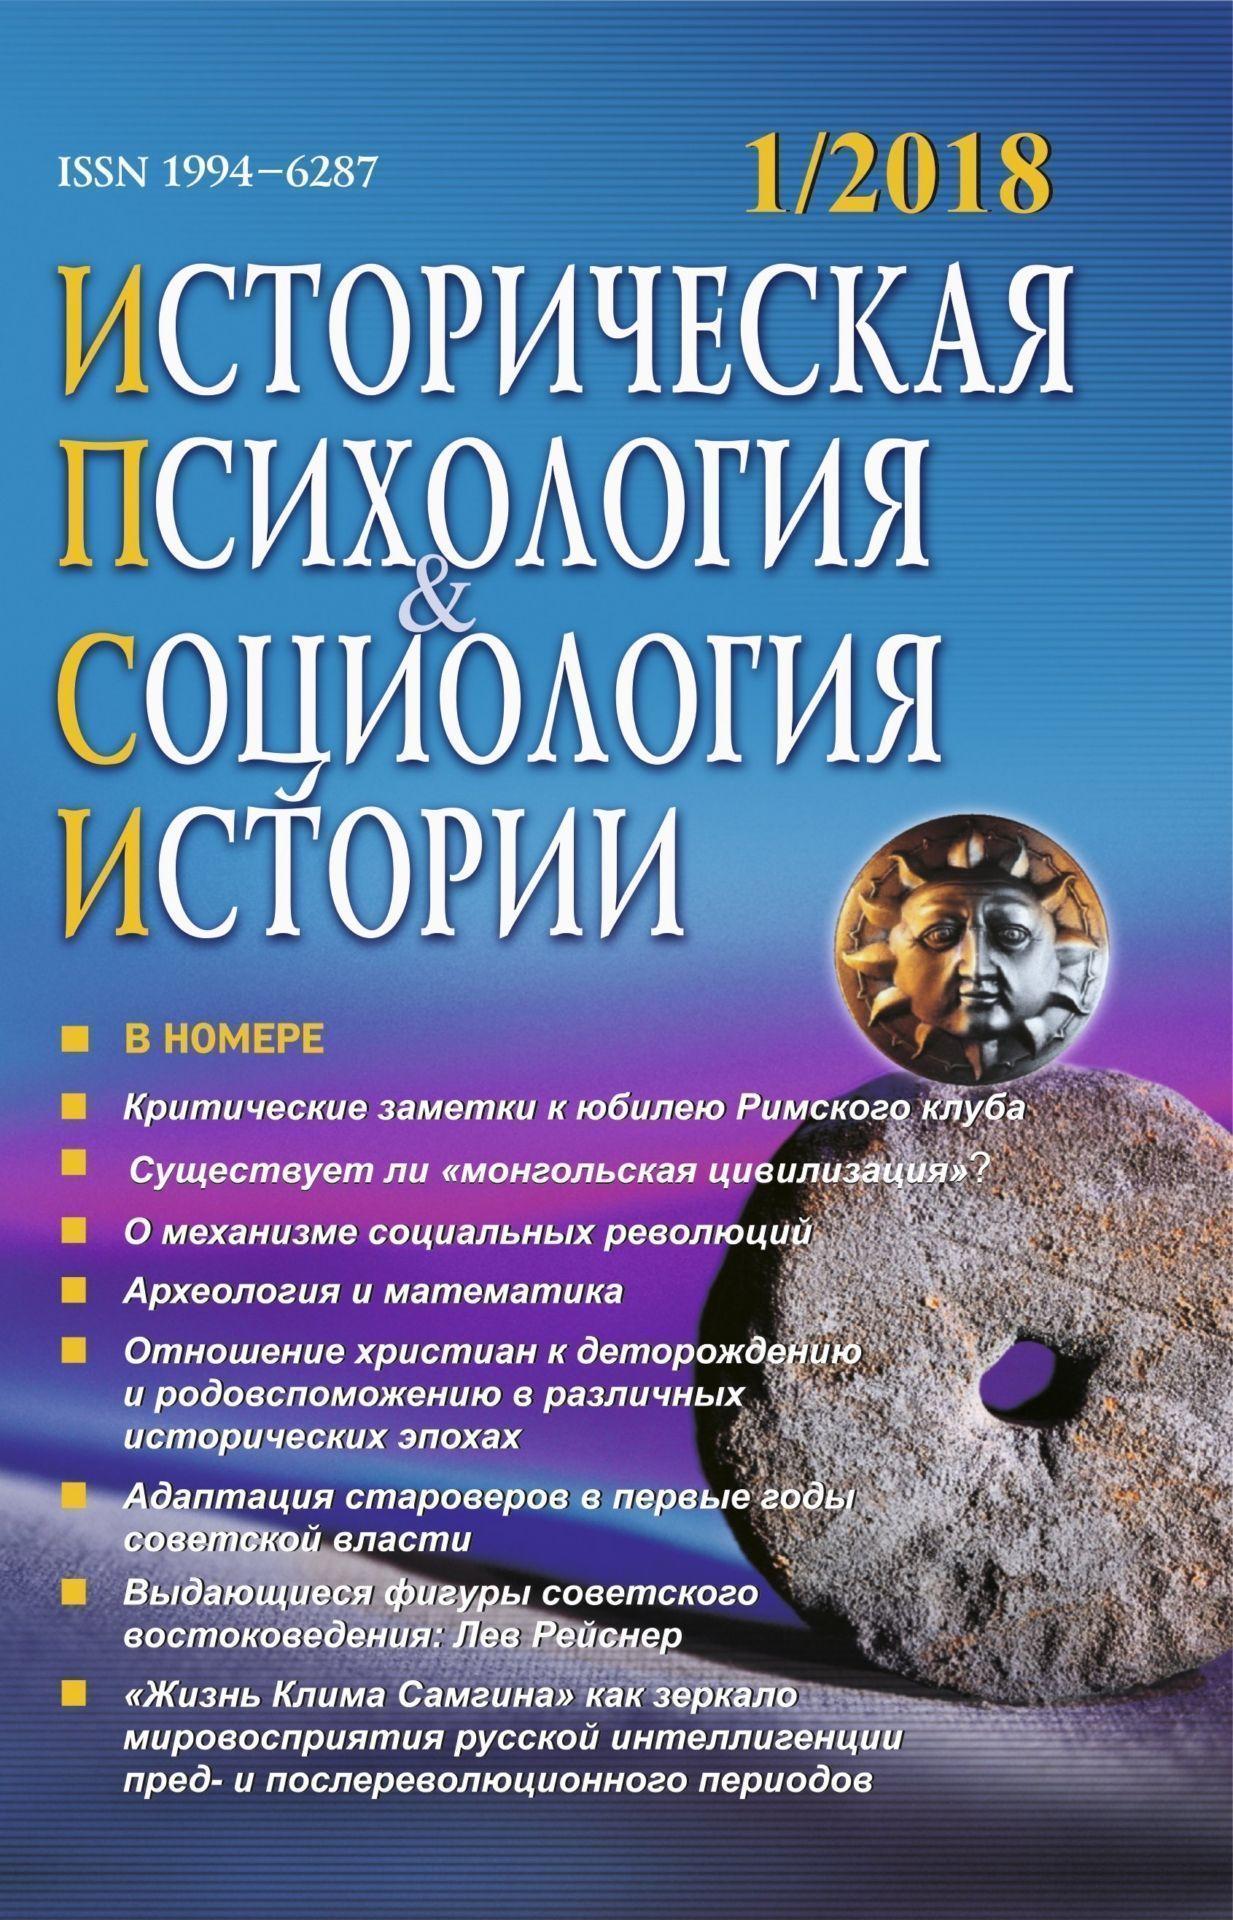 Историческая психология и социология истории. №1, 2018 г. Научно-теоретический журнал